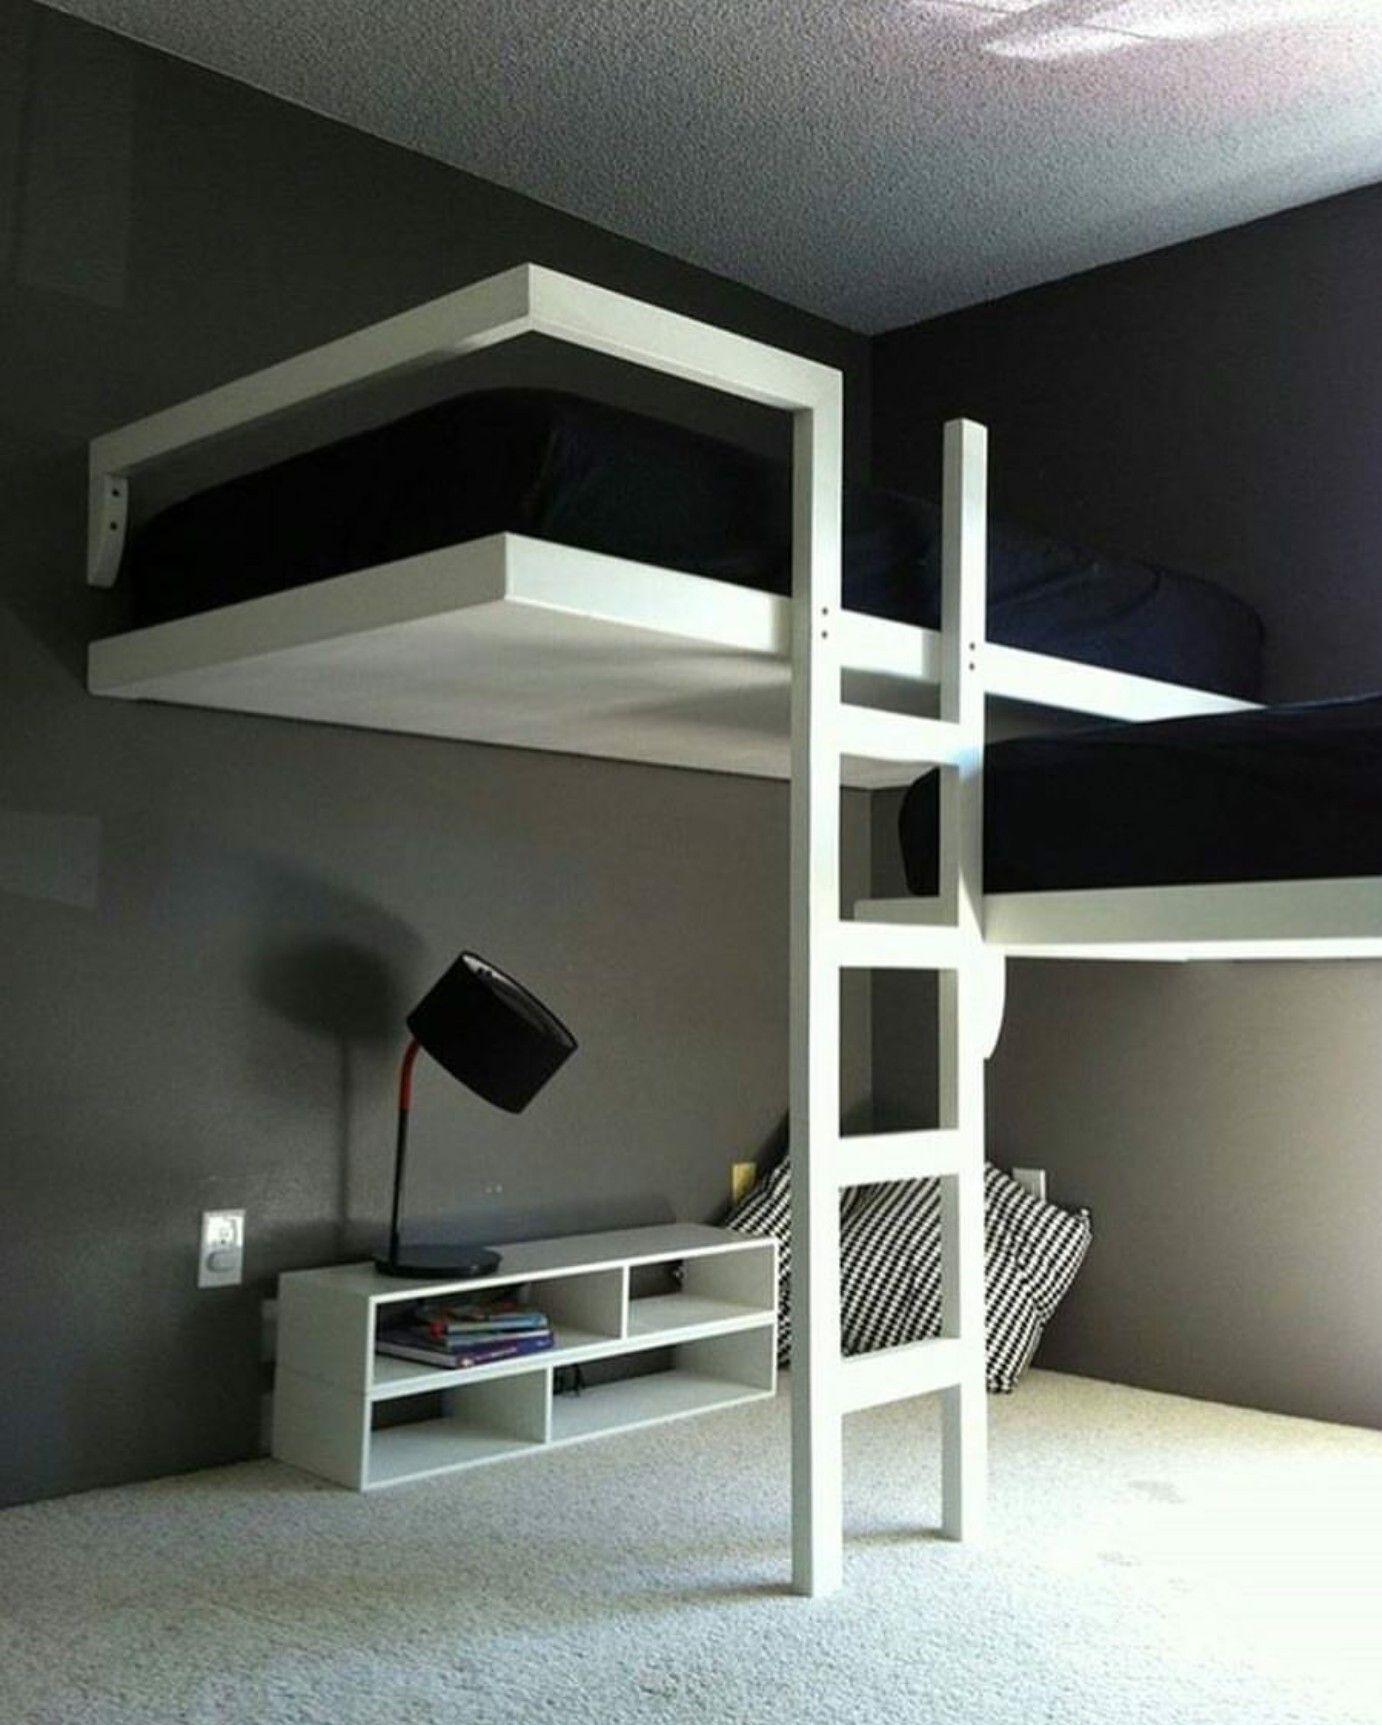 Bedrooms, Bedroom, Dorm Rooms, Master Bedrooms